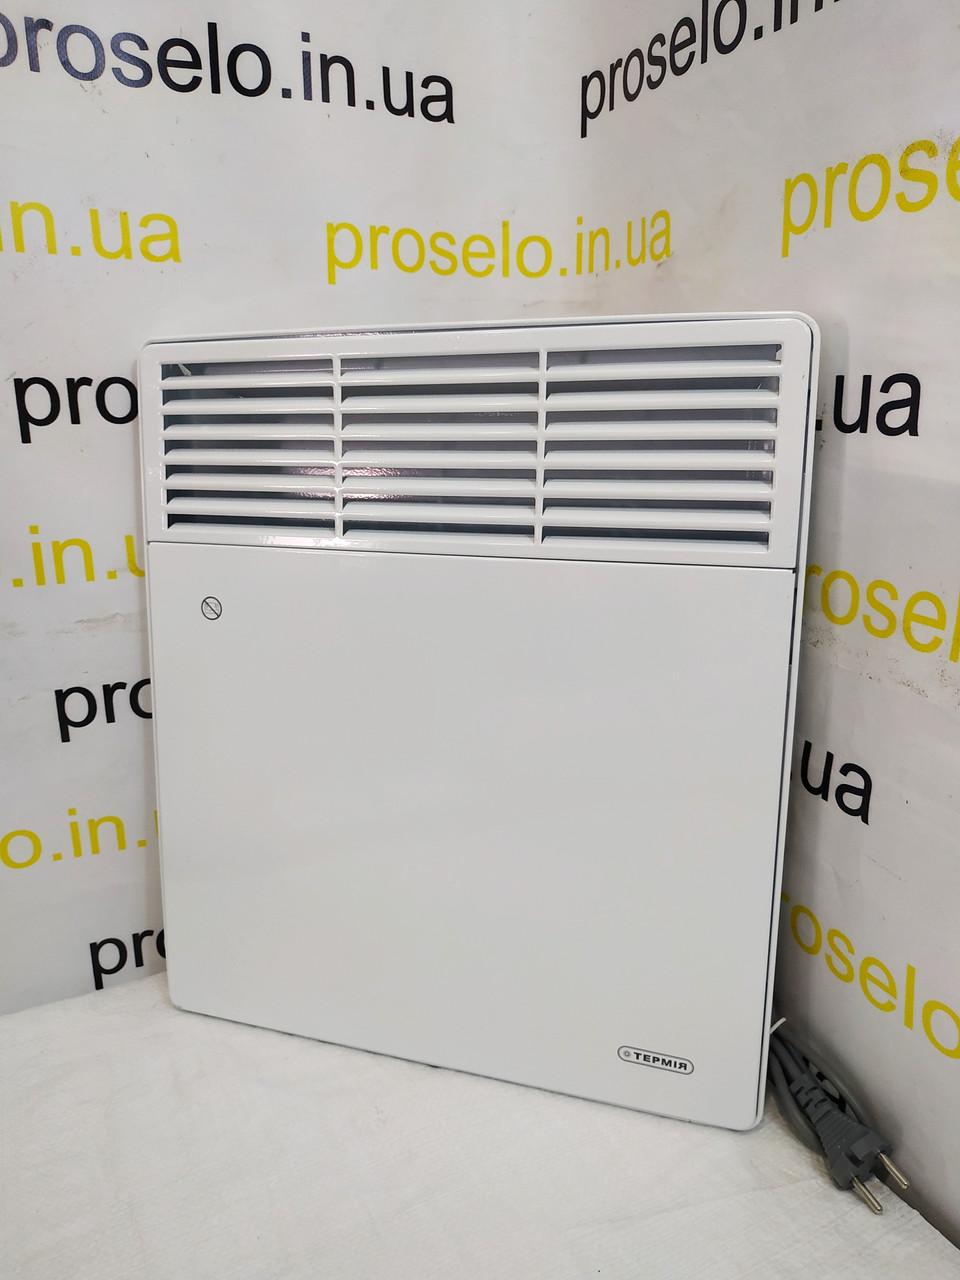 Конвектор ТерміЯ. Электрический. 0,5 кВт. ЭВНА - 0.5\230С2(сш). Настенный. Для обогрева помещений.